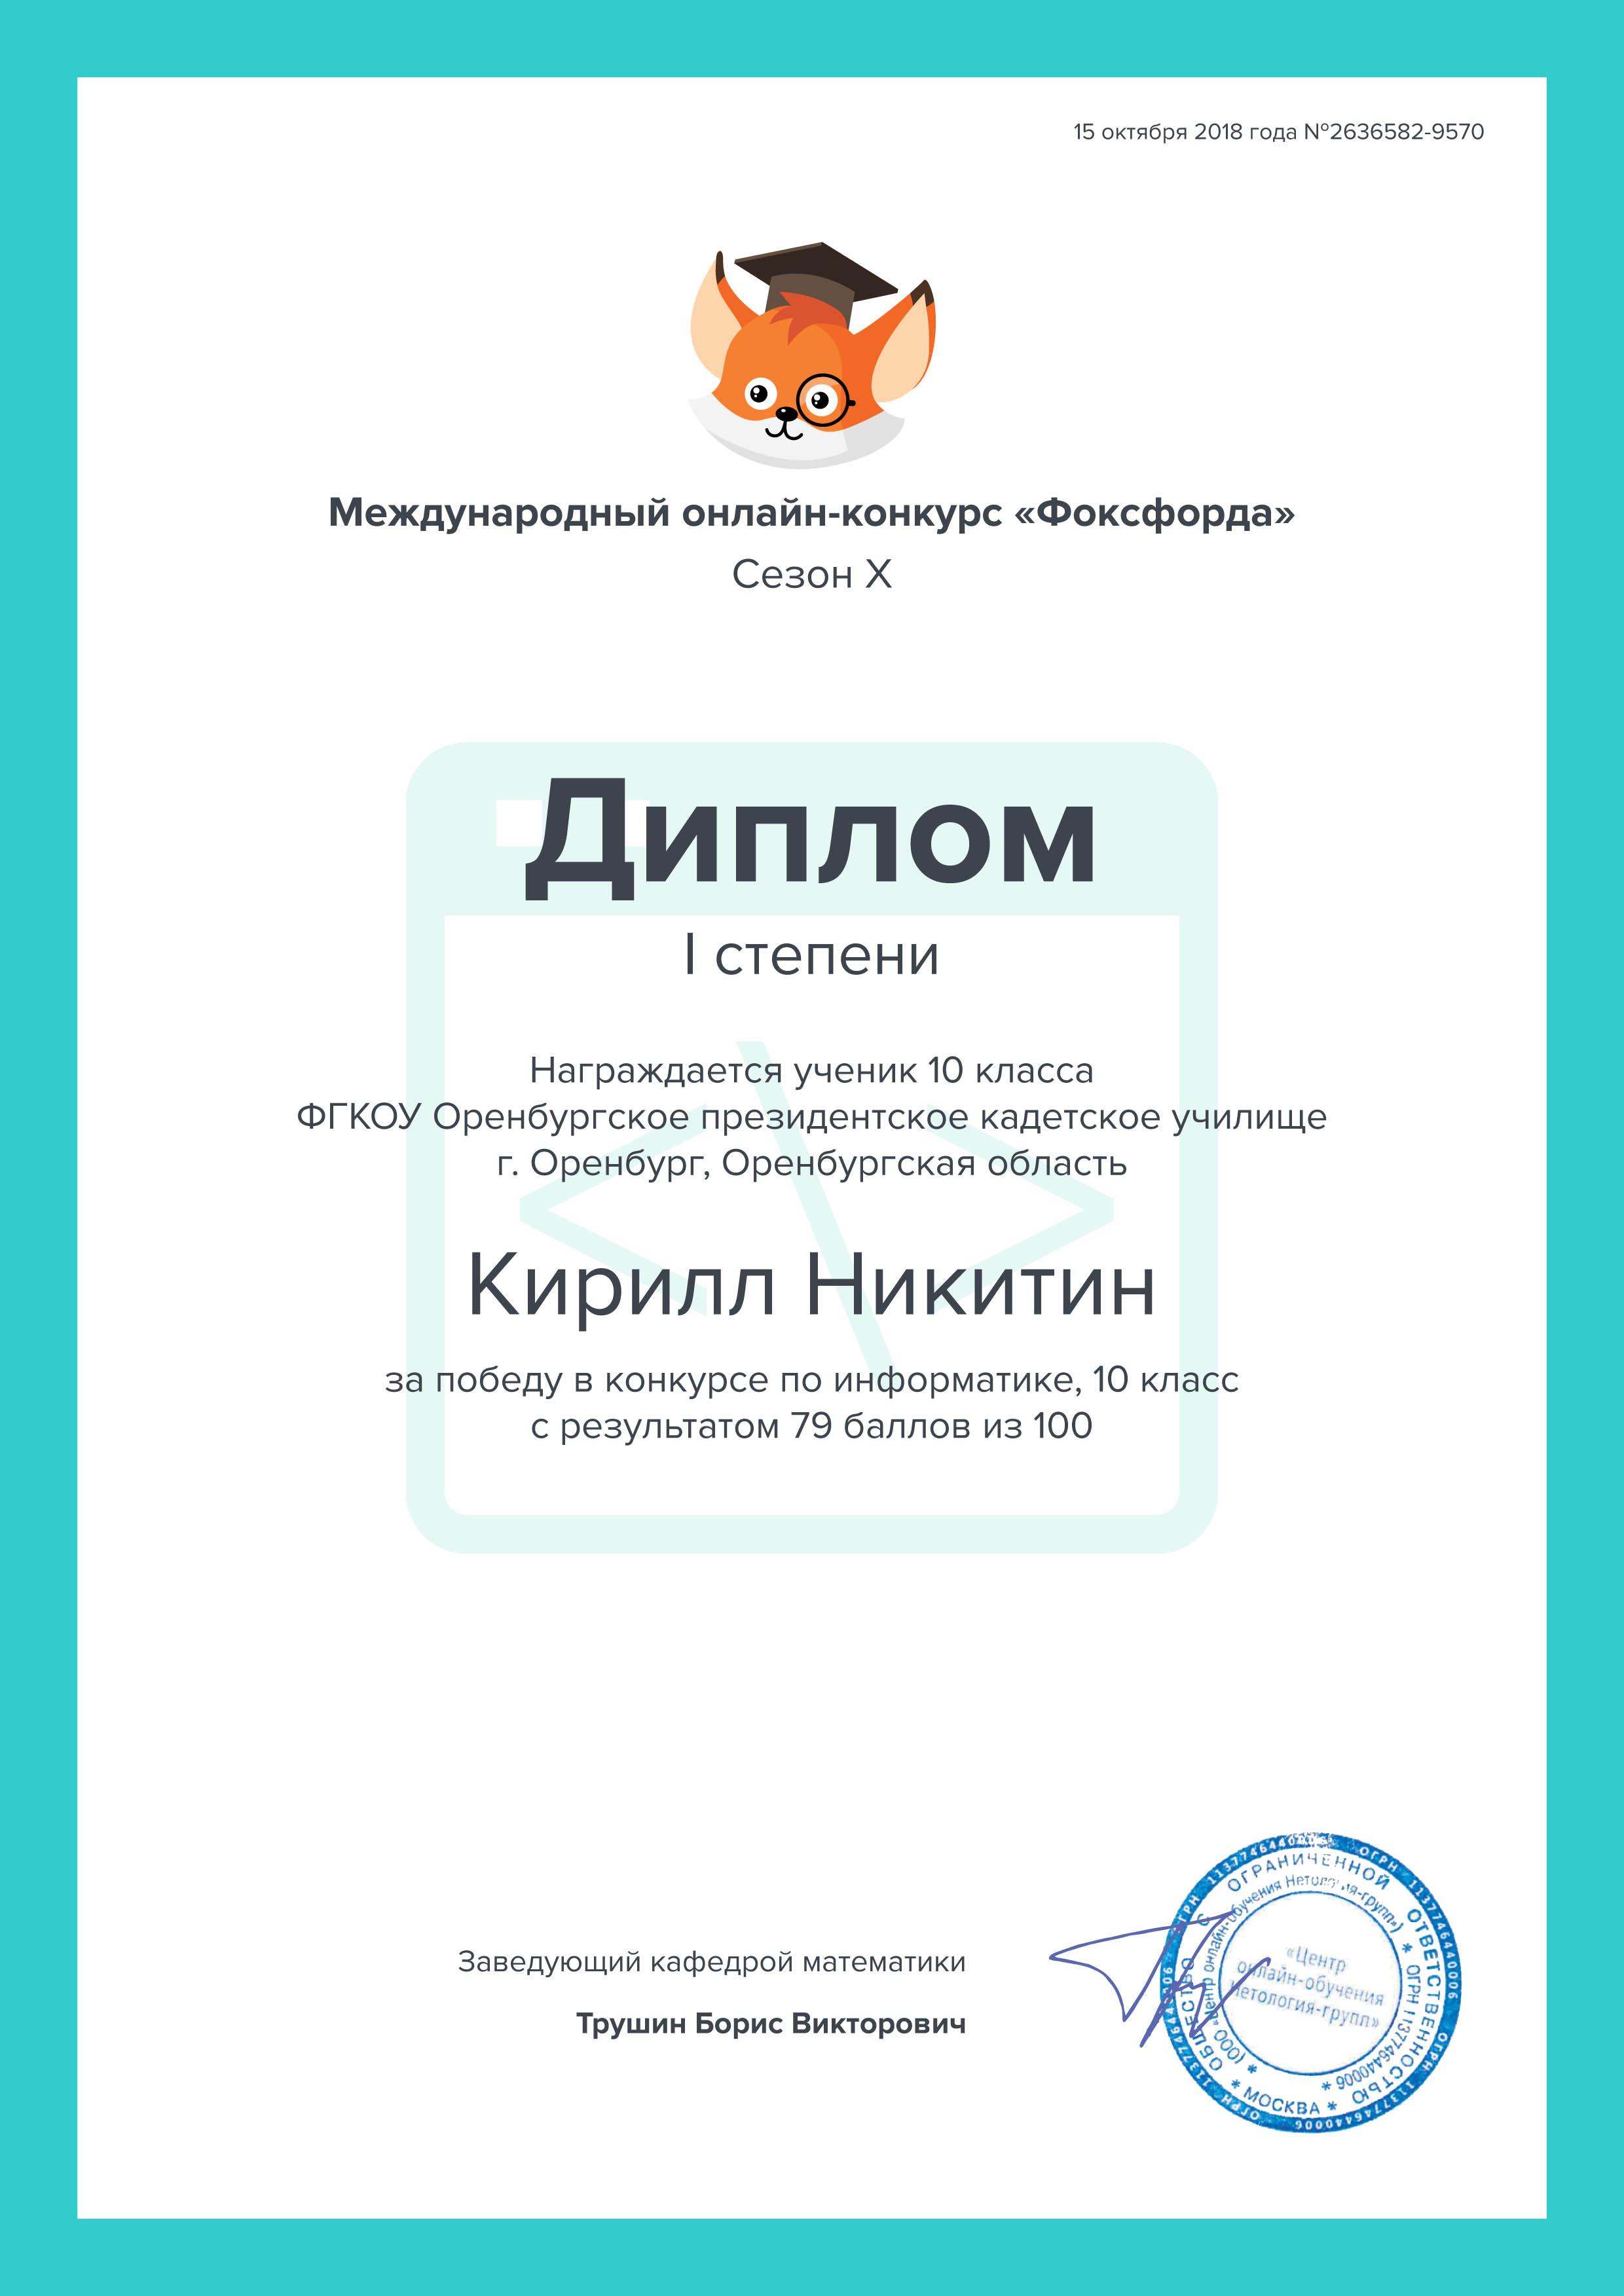 Диплом. Информатика. 10 класс (№2636582)